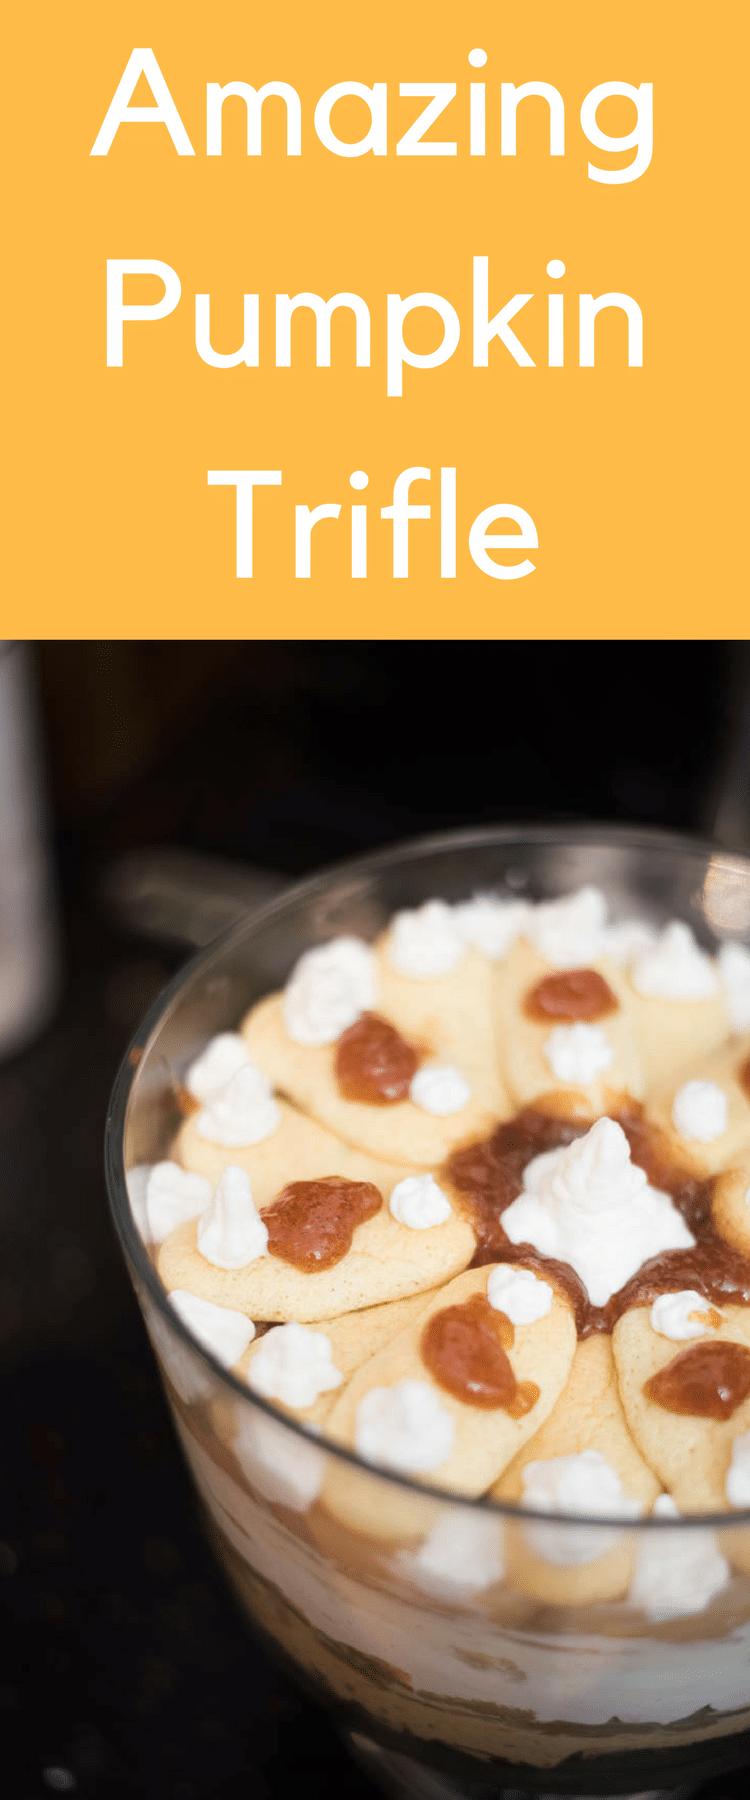 pumpkin trifle / fall trifle / caramel apple trifle / pumpkin recipe / fall dessert #fall #fallrecipes #falldessert via @clarkscondensed